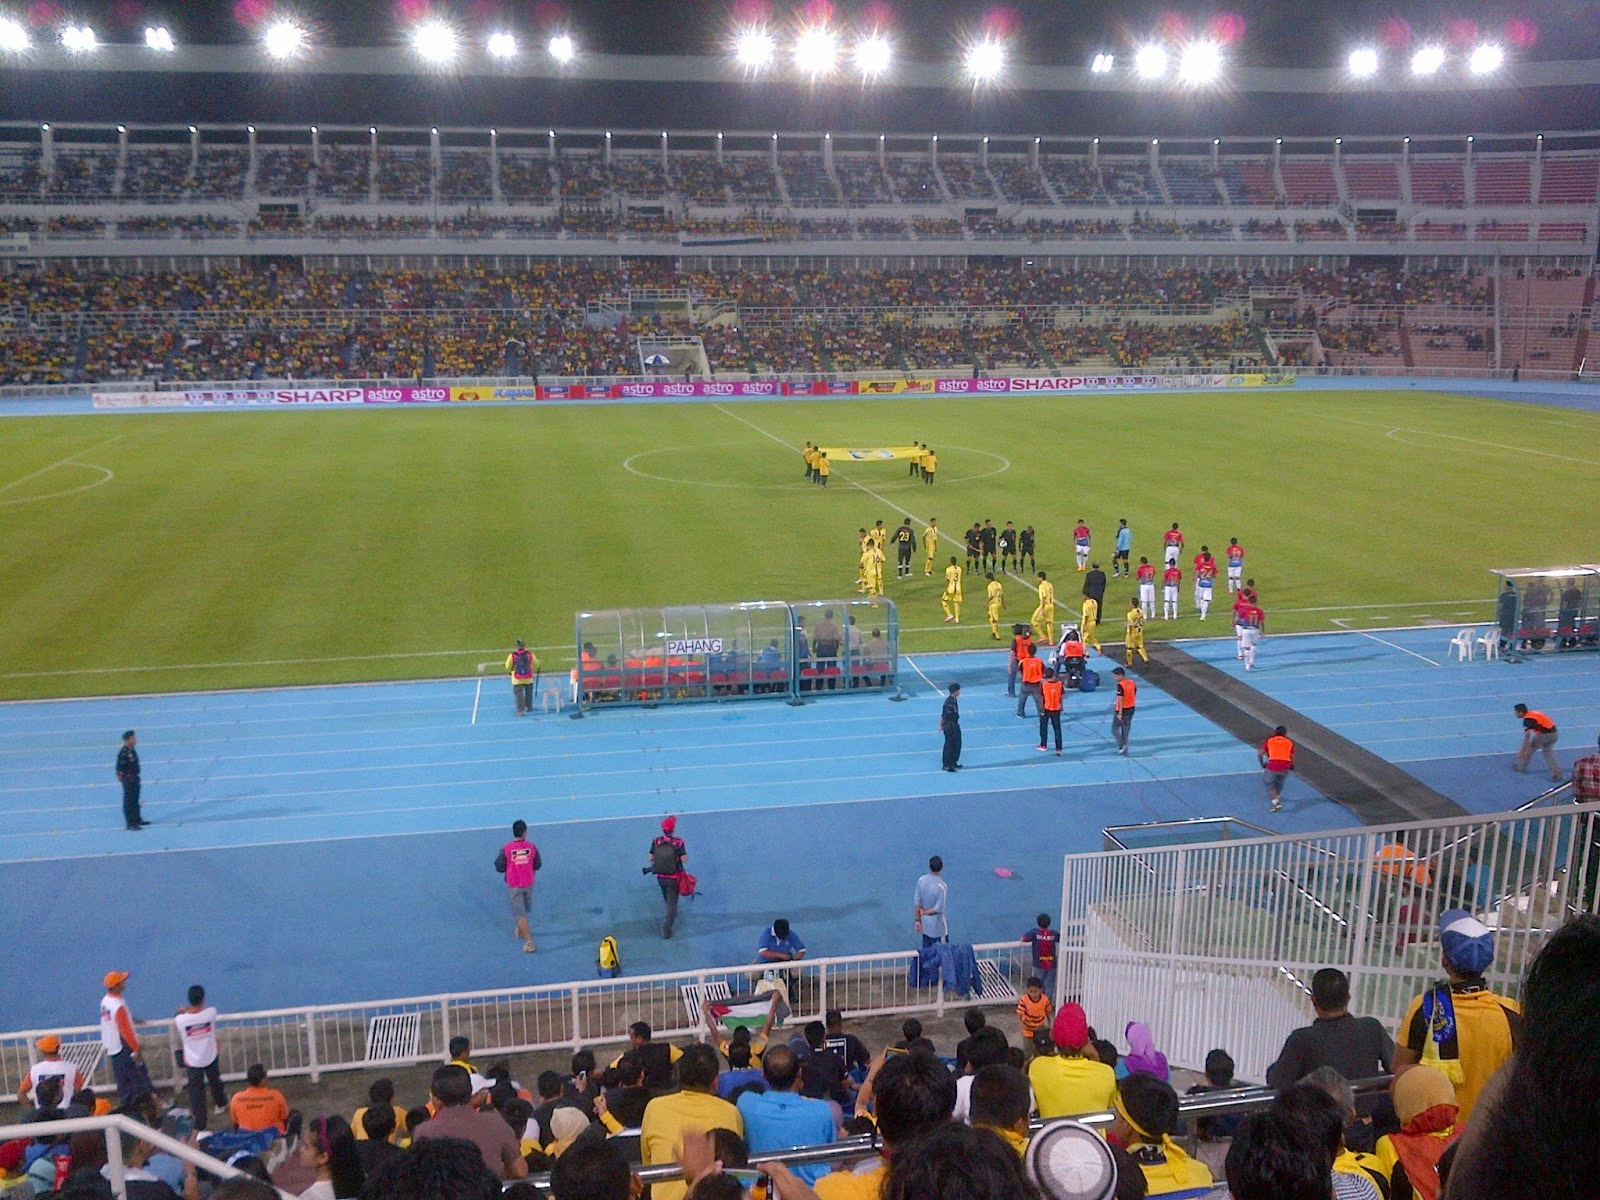 http://1.bp.blogspot.com/-kC5Bg7gti6E/UO57hzvEzmI/AAAAAAAADOs/nMksREVJKgk/s1600/Liga+Super+-+Pahang+vs+Johor+Darul+Takzim+FC3.jpg